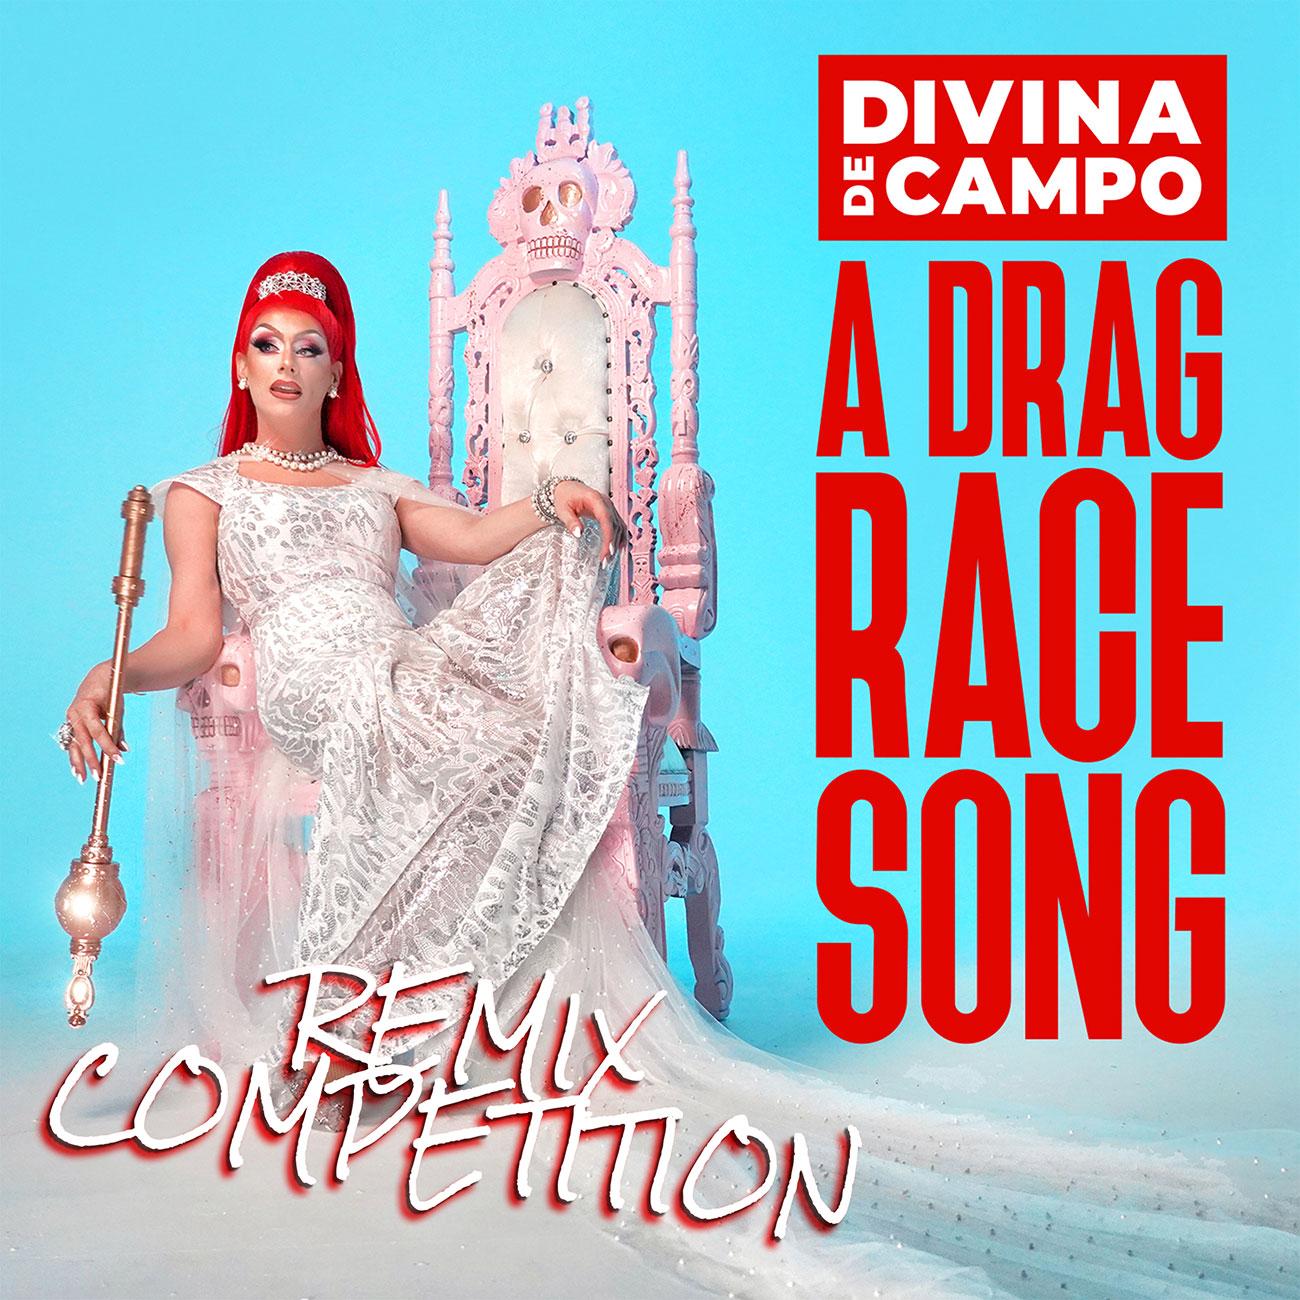 Divina De Campo Remix Competition